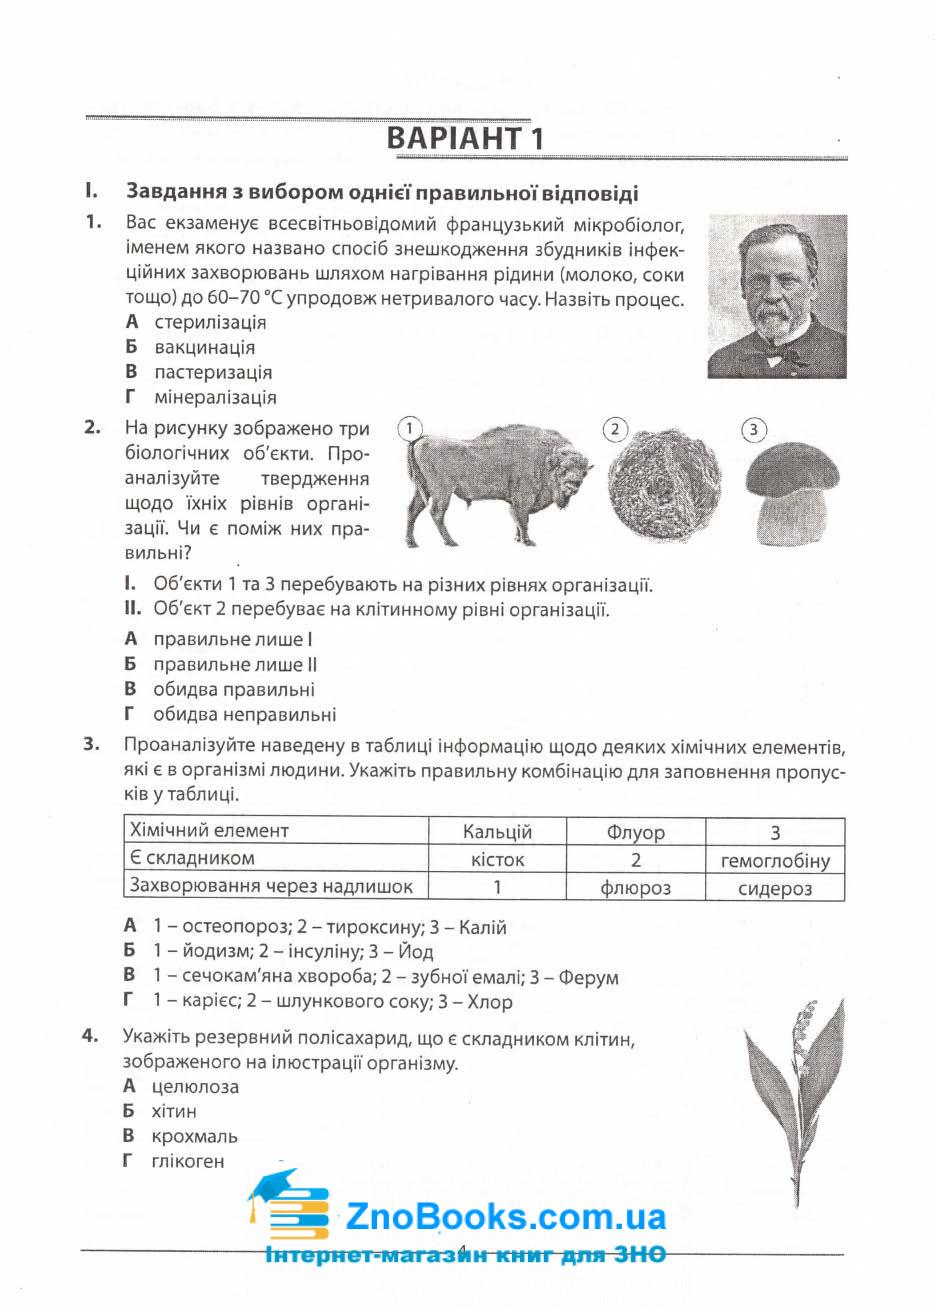 Біологія : Довідник + тести та 20 варіантів тестів у форматі ЗНО 2022. КОМПЛЕКТ : Соболь В. Абетка. купити 11